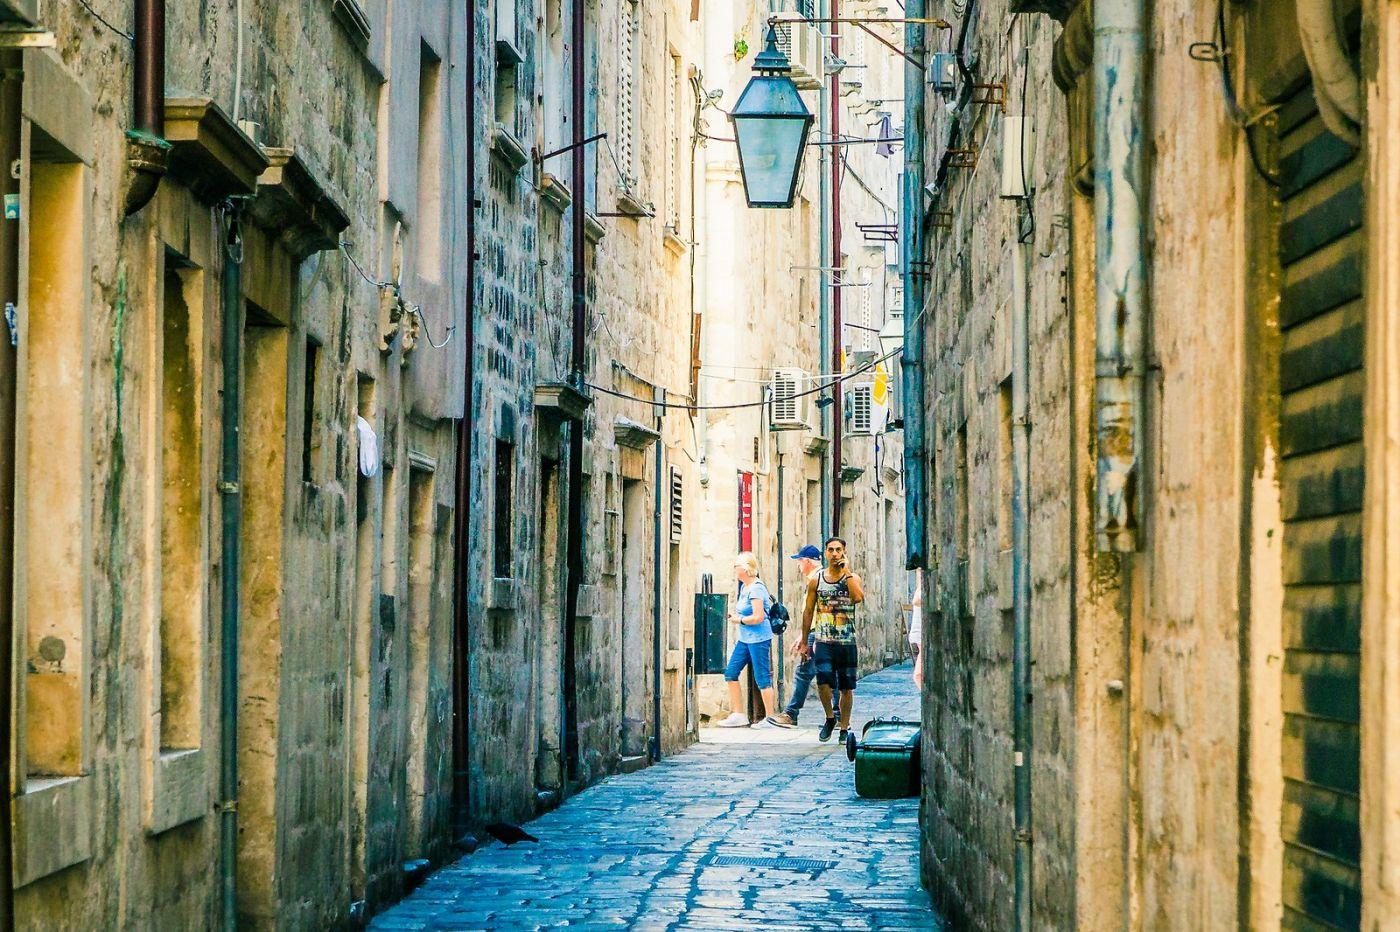 克罗地亚杜布罗夫尼克(Dubrovnik),古城小巷_图1-22